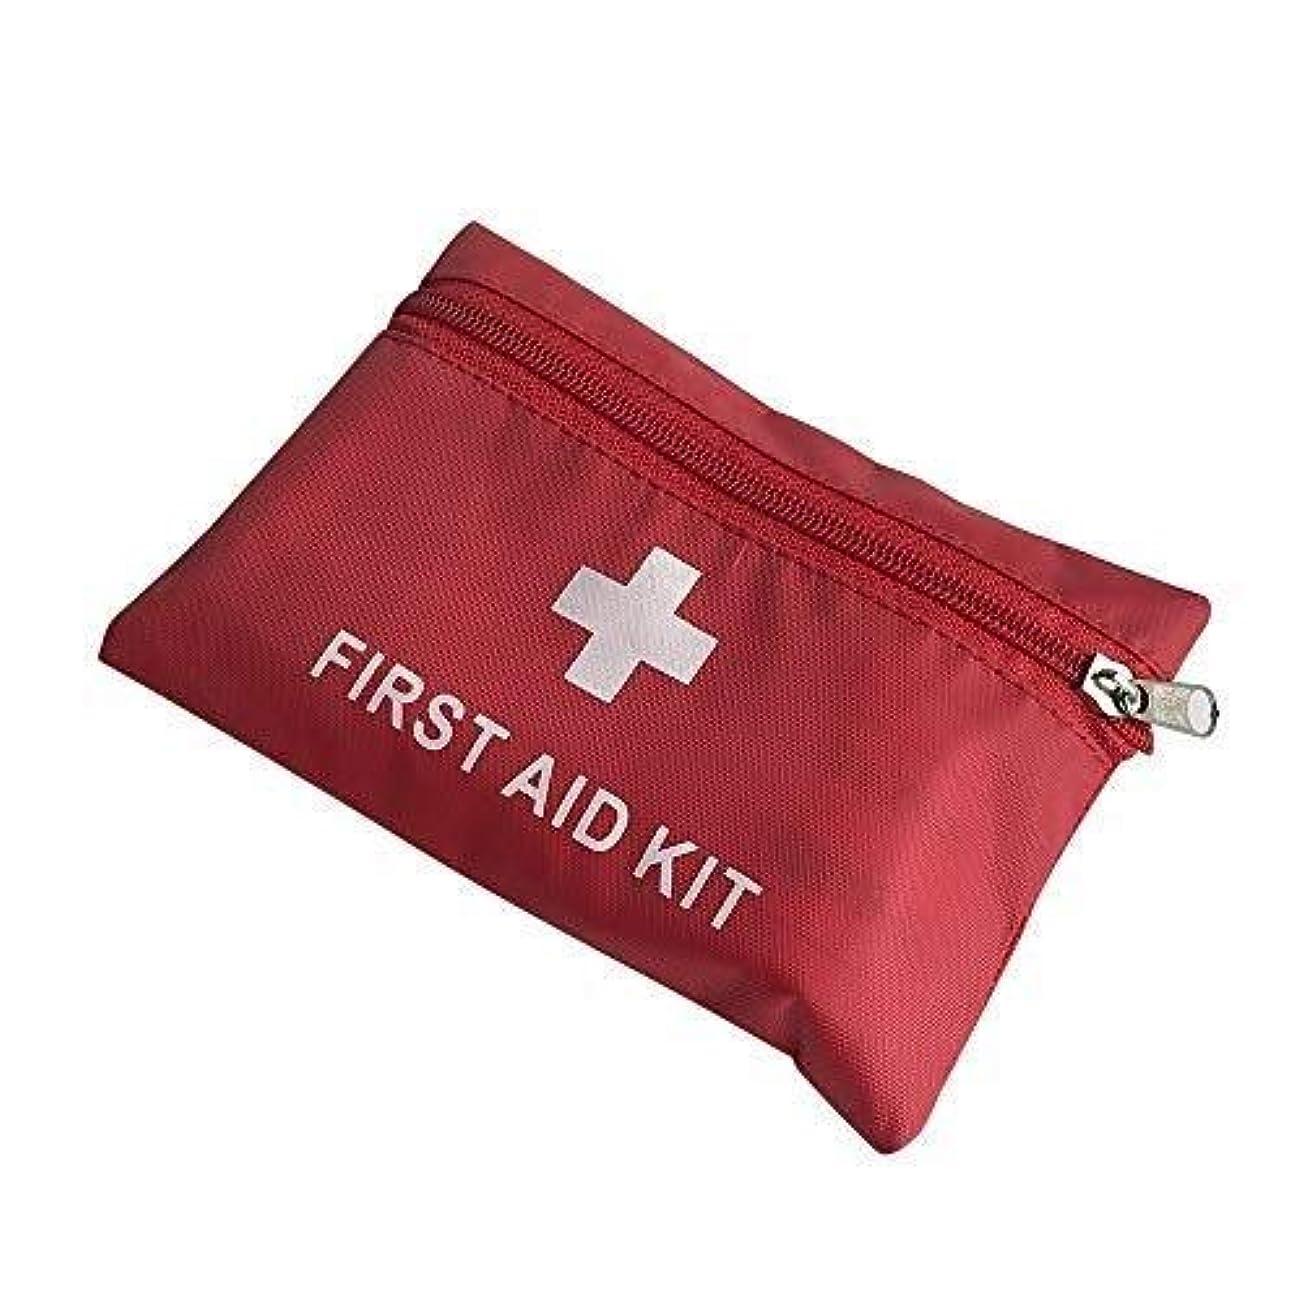 訪問健康無許可HTDZDX 収納袋応急処置キット医療サバイバルバッグ、ミニホーム緊急車用バッグホームピクニックキャンプ旅行やその他のアウトドアアクティビティーホームキッチン